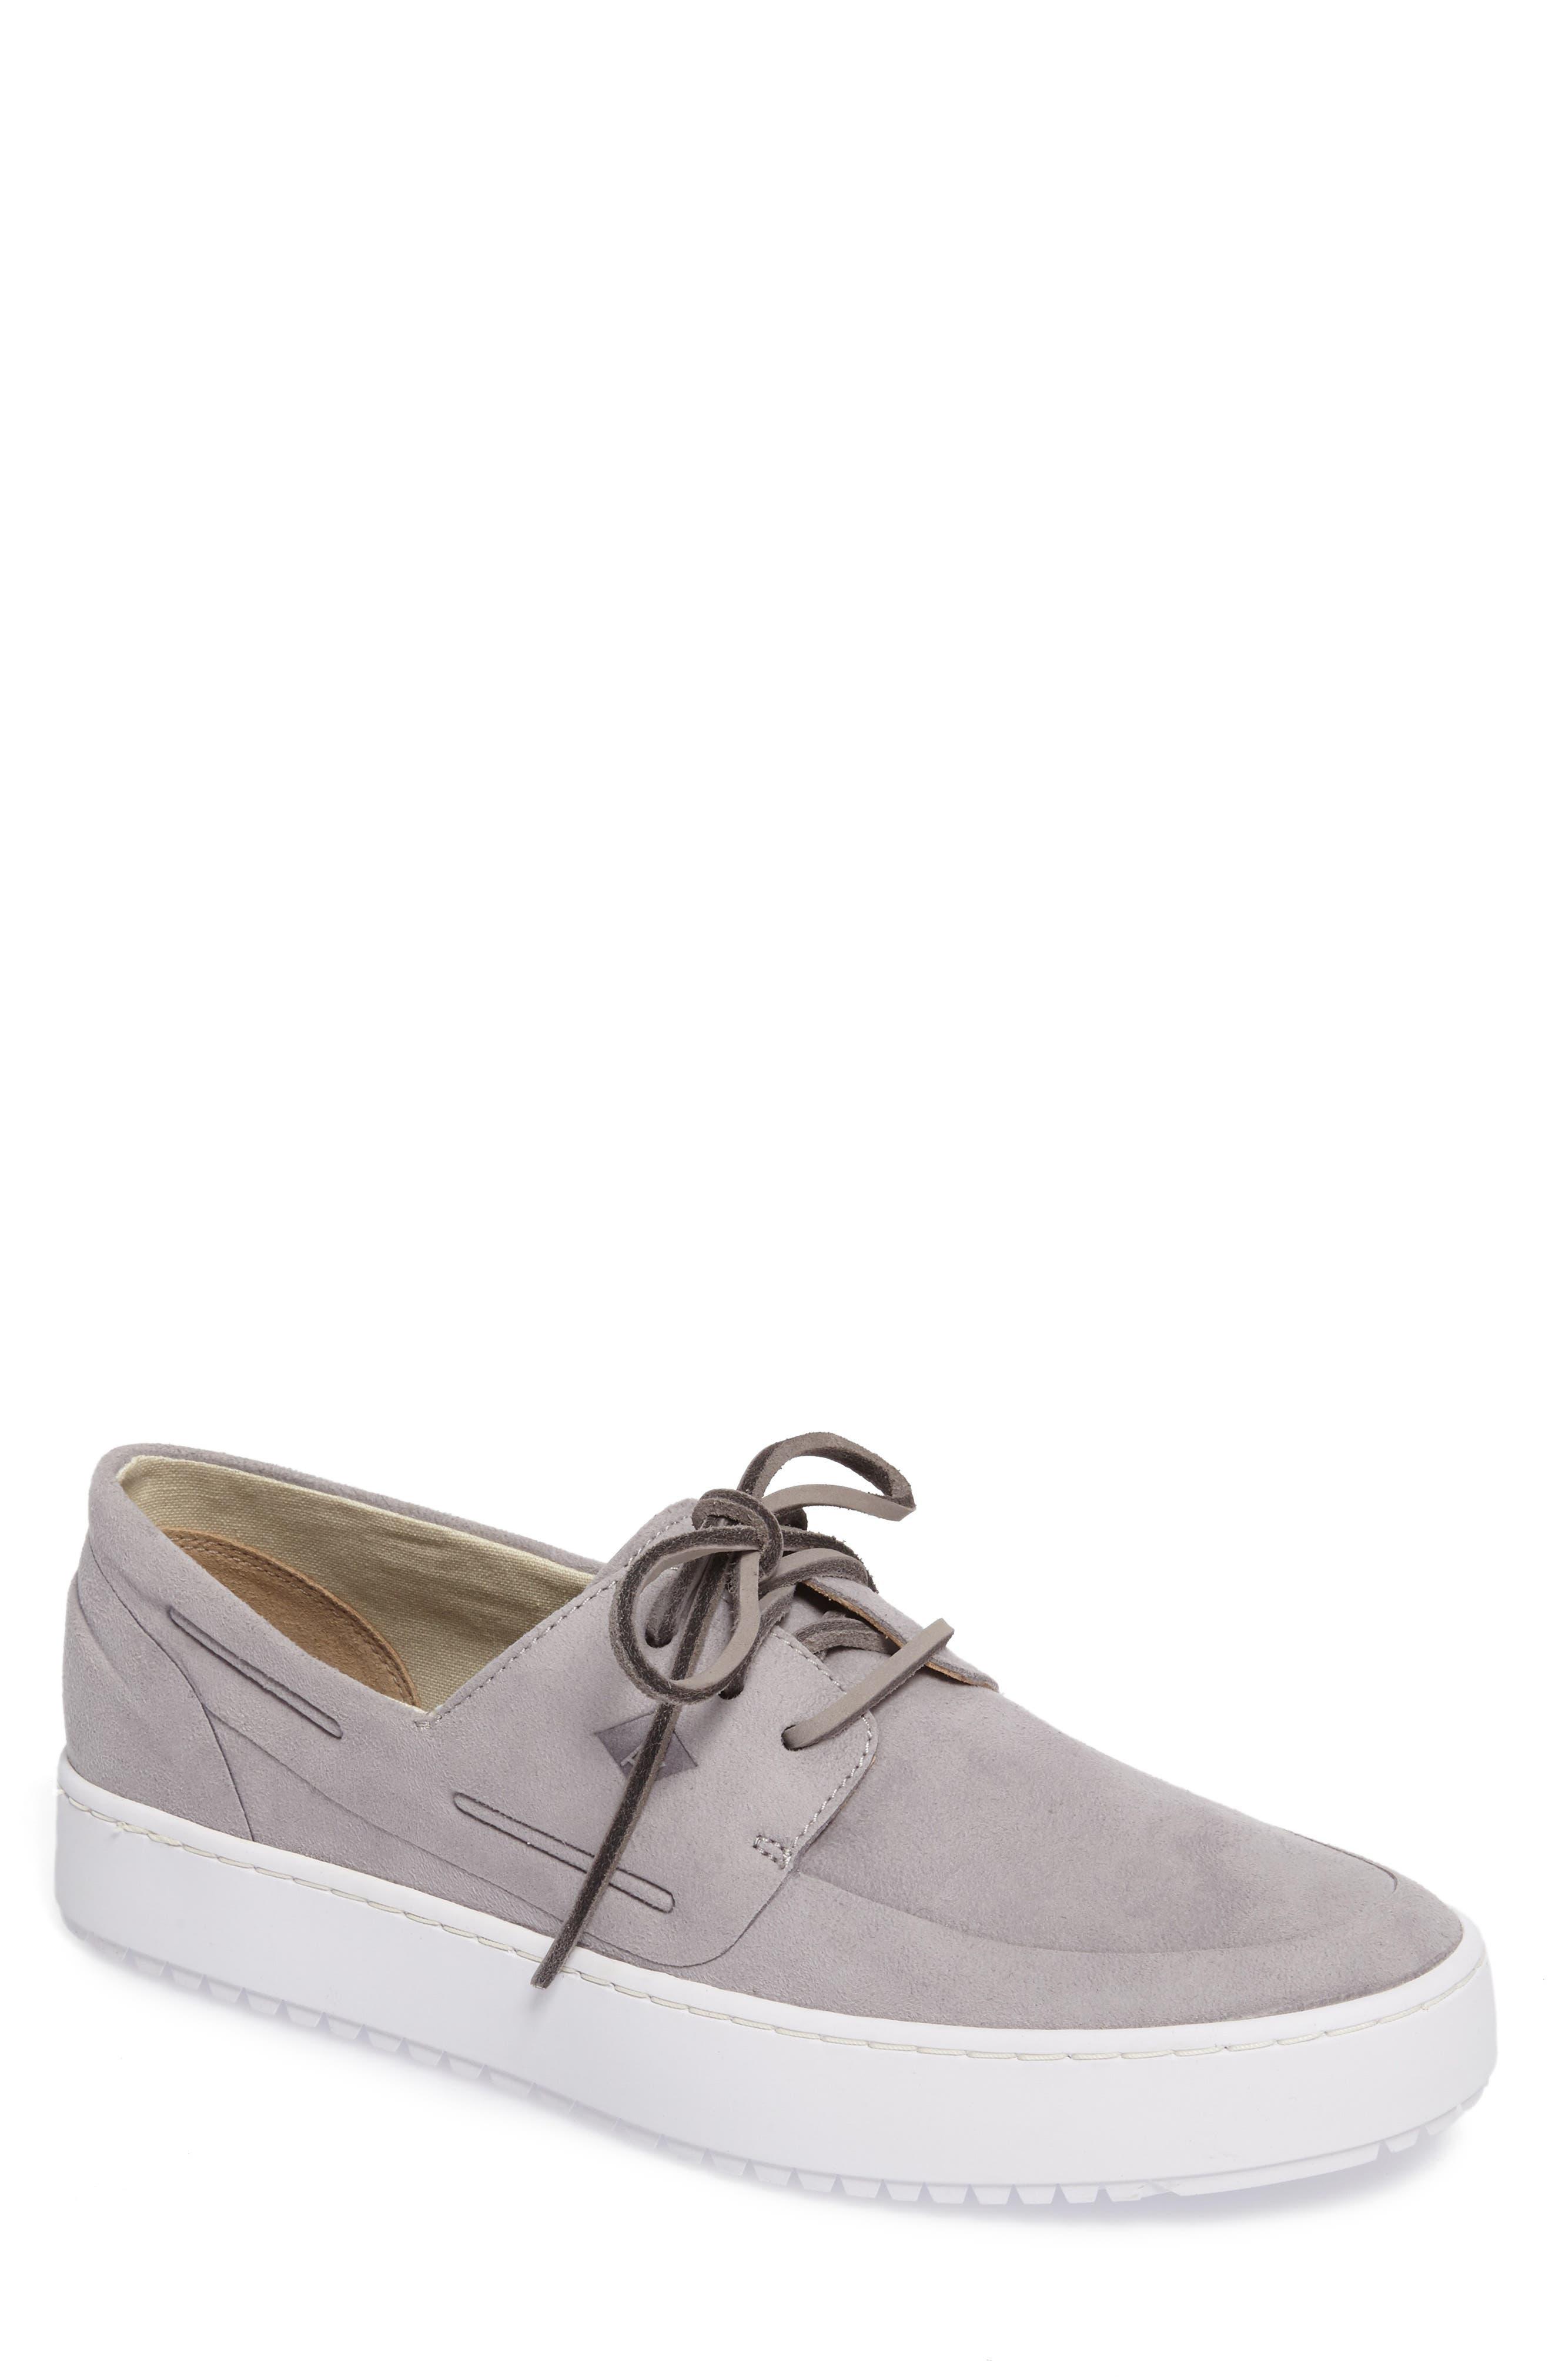 Endeavor Boat Shoe,                         Main,                         color, 020